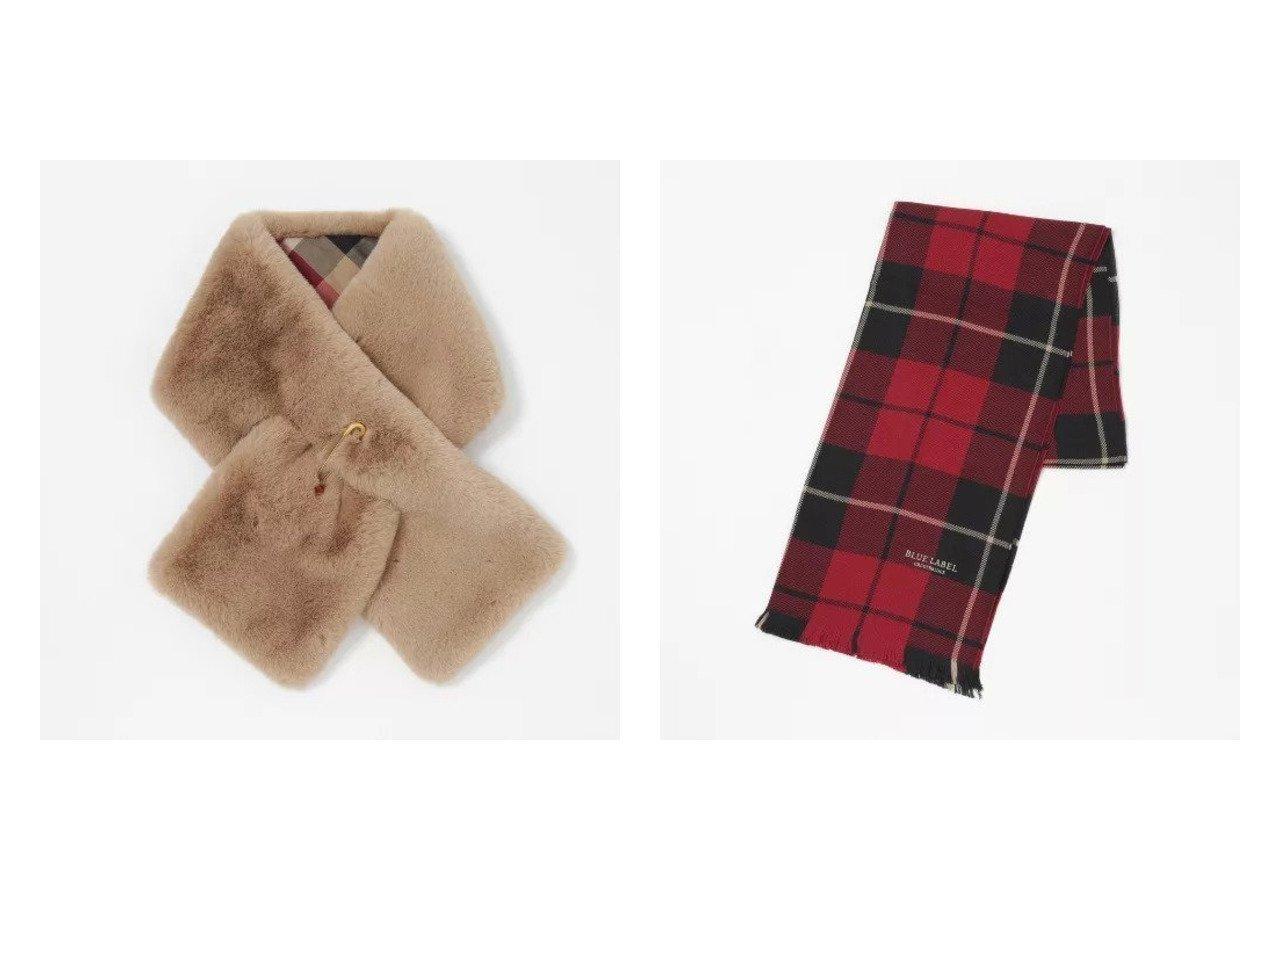 【BLUE LABEL CRESTBRIDGE/ブルーレーベル クレストブリッジ】のフェイクファーティペット&ライトウエイトタータンチェックストール おすすめ!人気、トレンド・レディースファッションの通販 おすすめで人気の流行・トレンド、ファッションの通販商品 インテリア・家具・メンズファッション・キッズファッション・レディースファッション・服の通販 founy(ファニー) https://founy.com/ ファッション Fashion レディースファッション WOMEN ストール Scarves マフラー Mufflers カシミヤ シルク スカーフ ストール マフラー キルト フェイクファー ワンポイント 無地 |ID:crp329100000071688